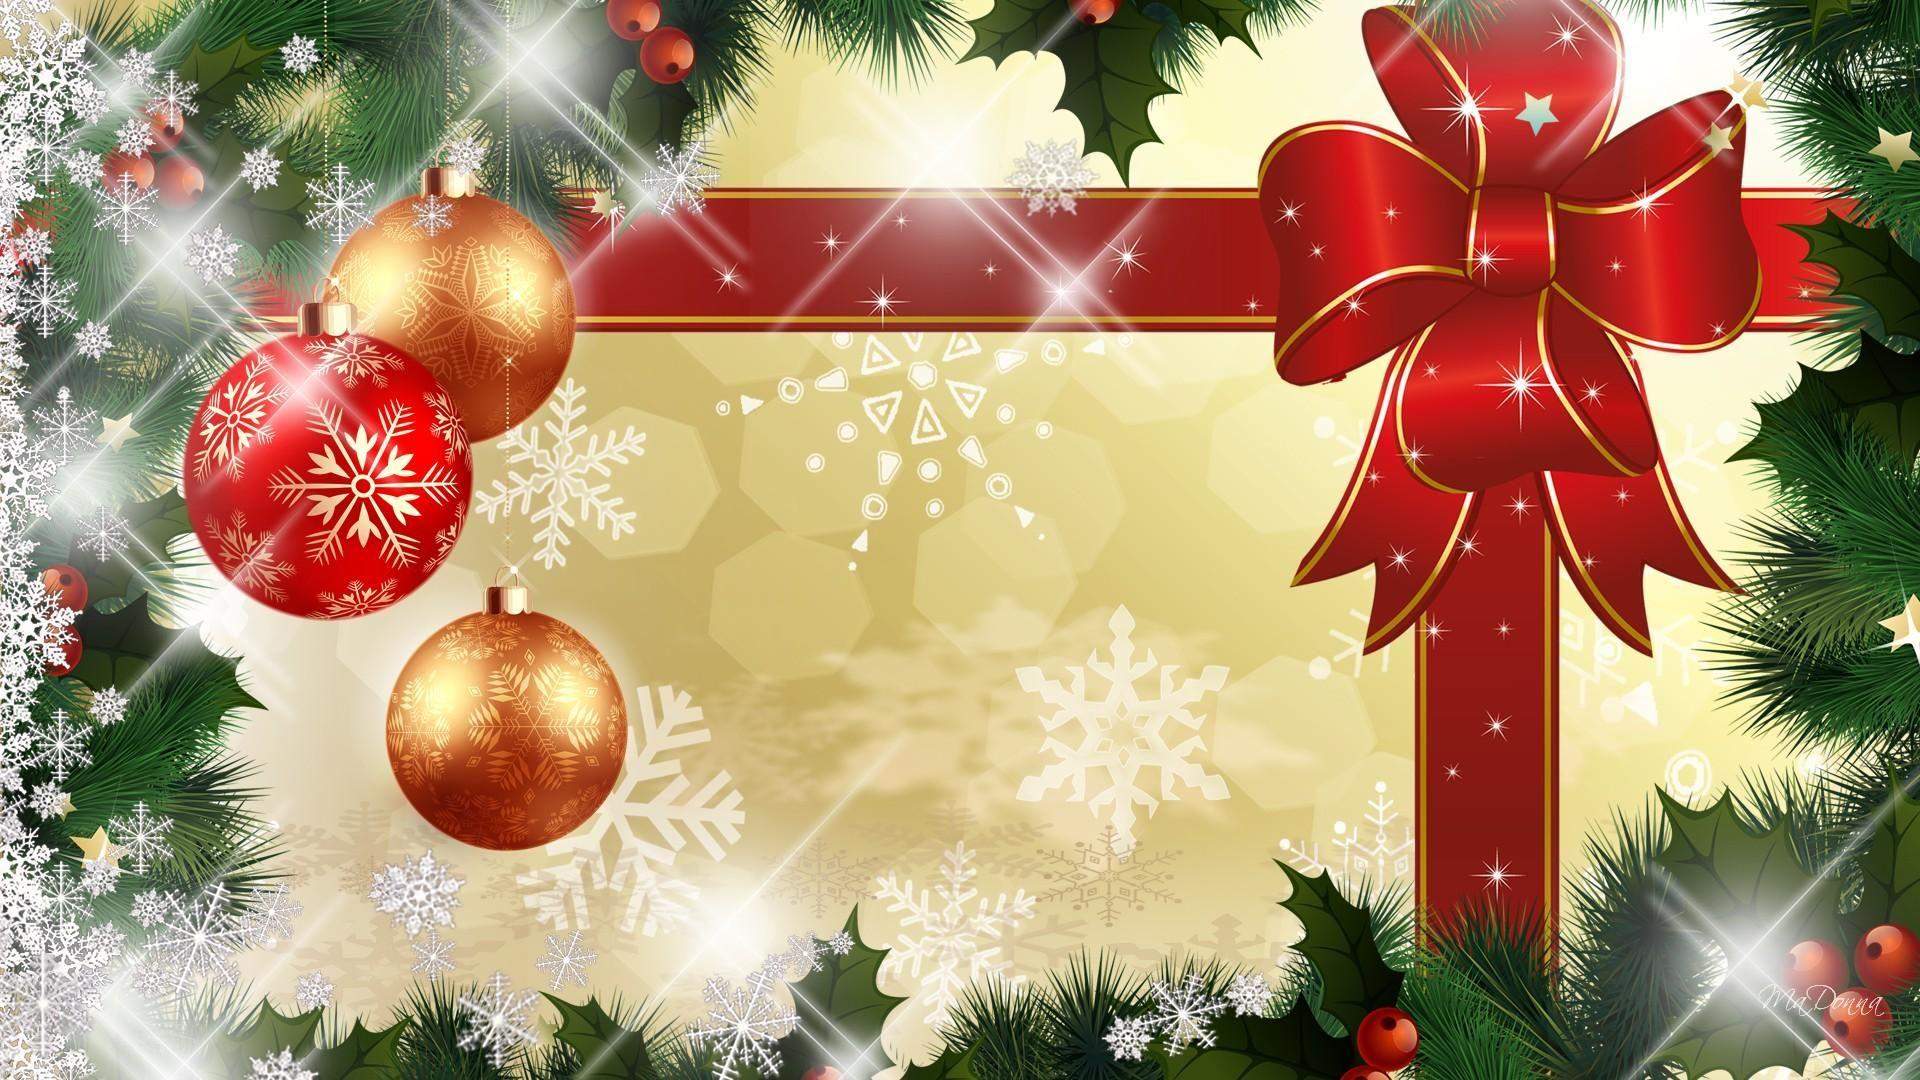 Christmas Border Wallpaper Christmas Facebook Cover Merry Christmas Quotes Christmas Border